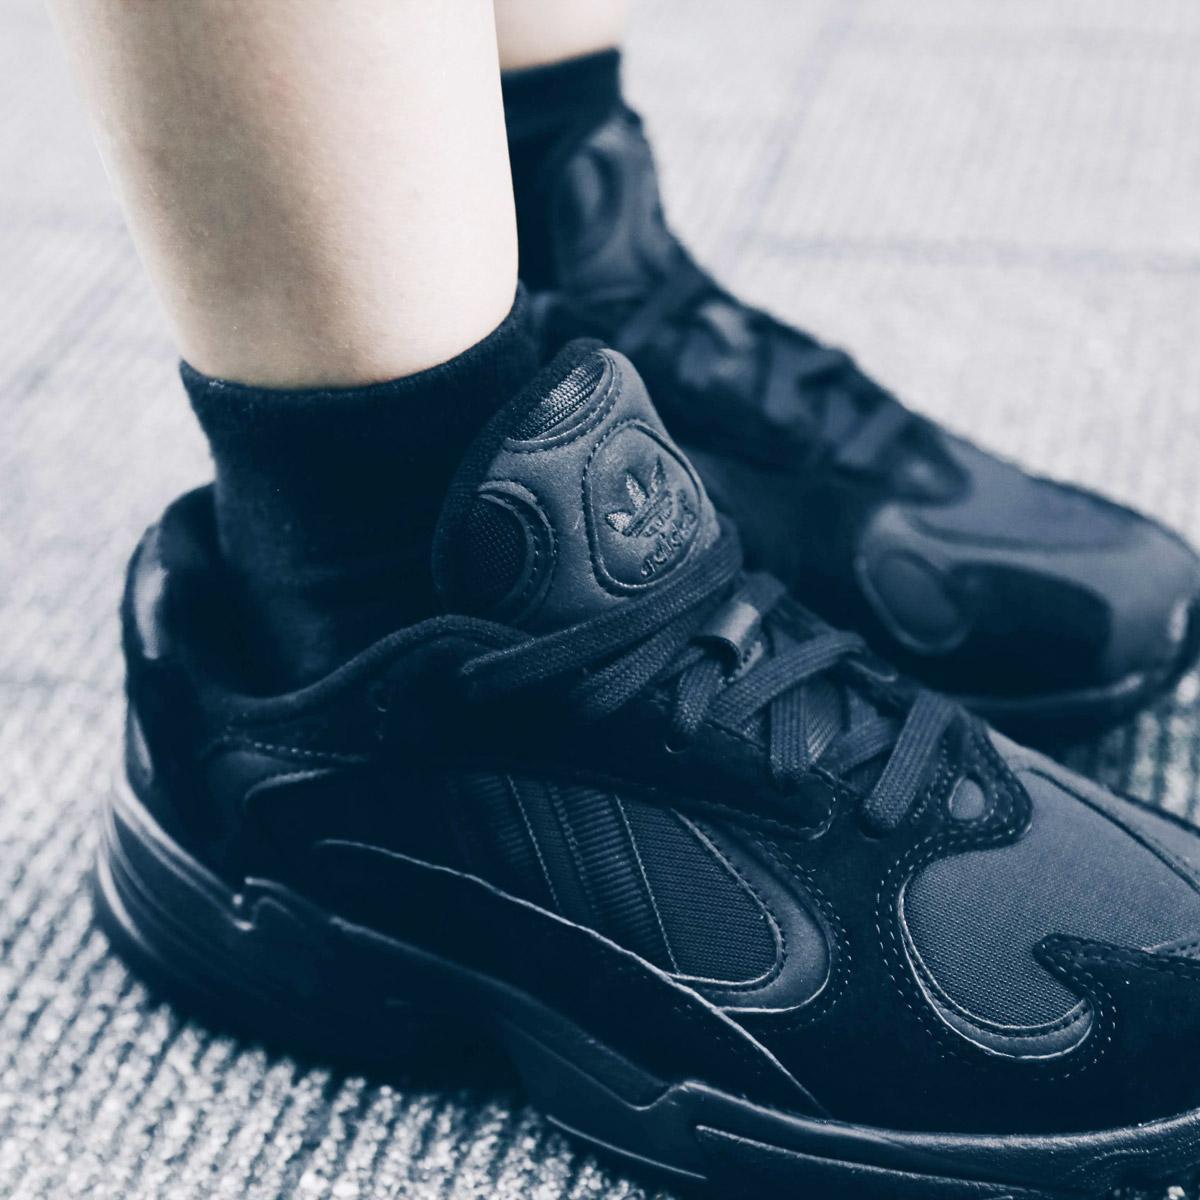 adidas Originals YUNG-1 (アディダス オリジナルス ヤング 1) CORE BLACK/CORE BLACK/CARBON18FW-I